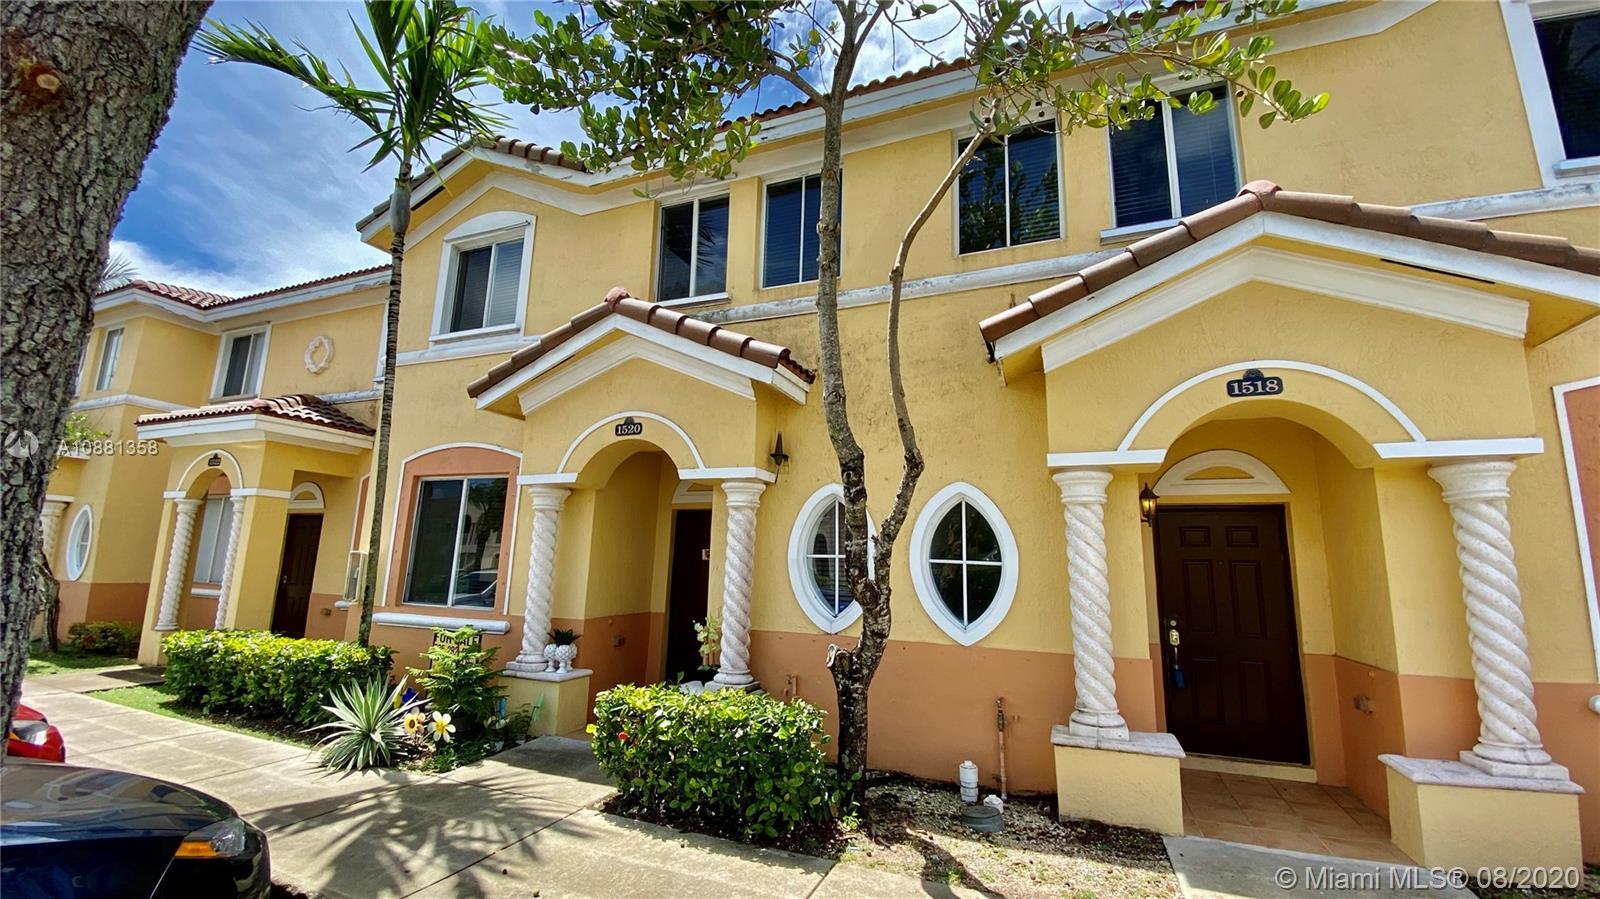 1520 SE 27th St #181 Property Photo